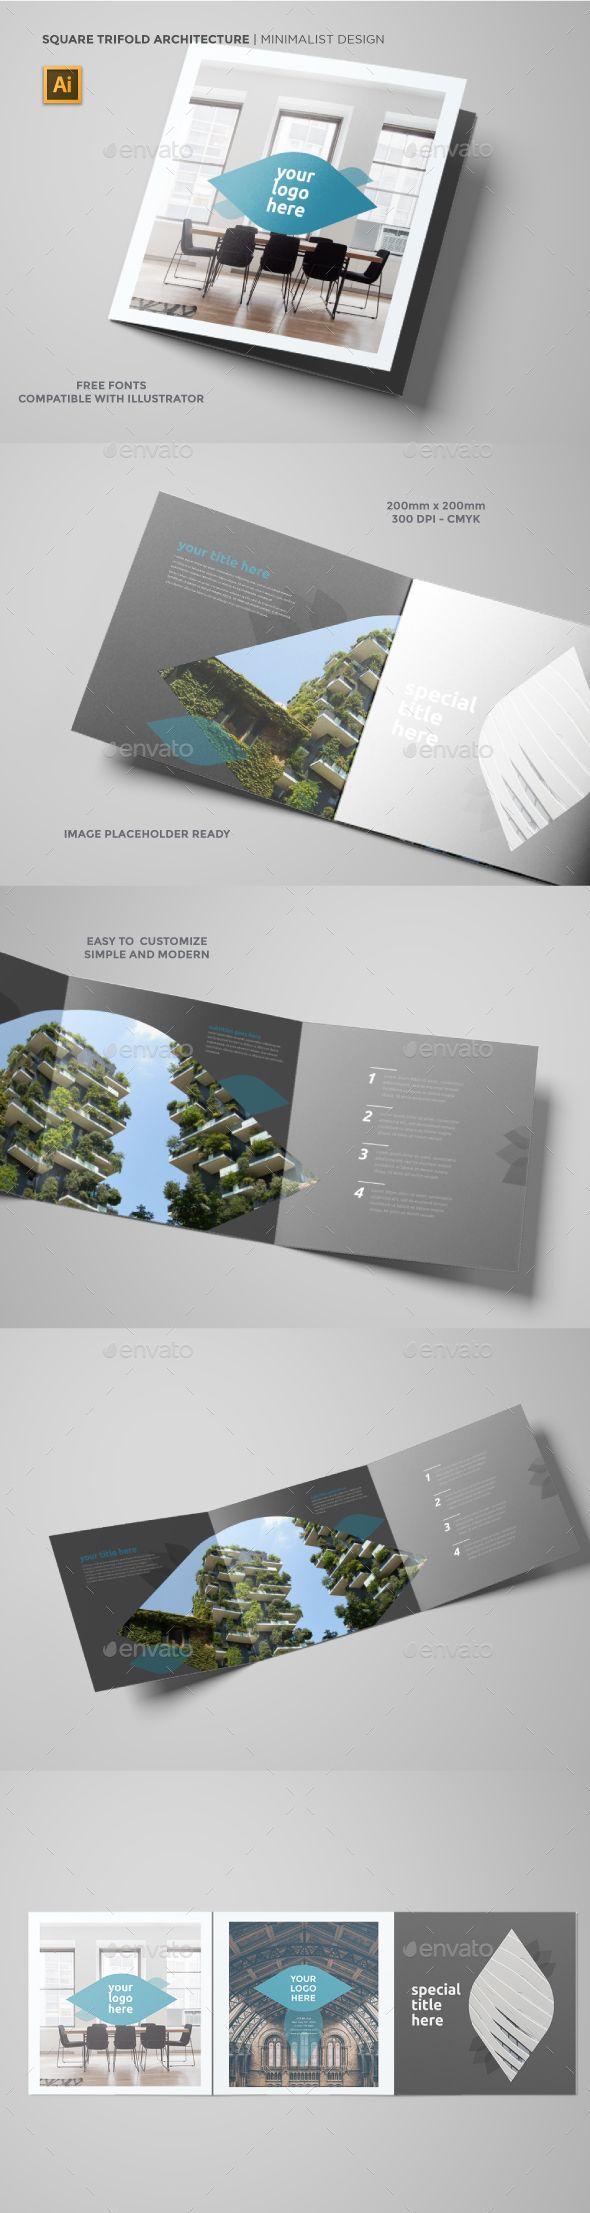 Square Trifold Architecture   Grafikdesign, Grafiken und Architektur